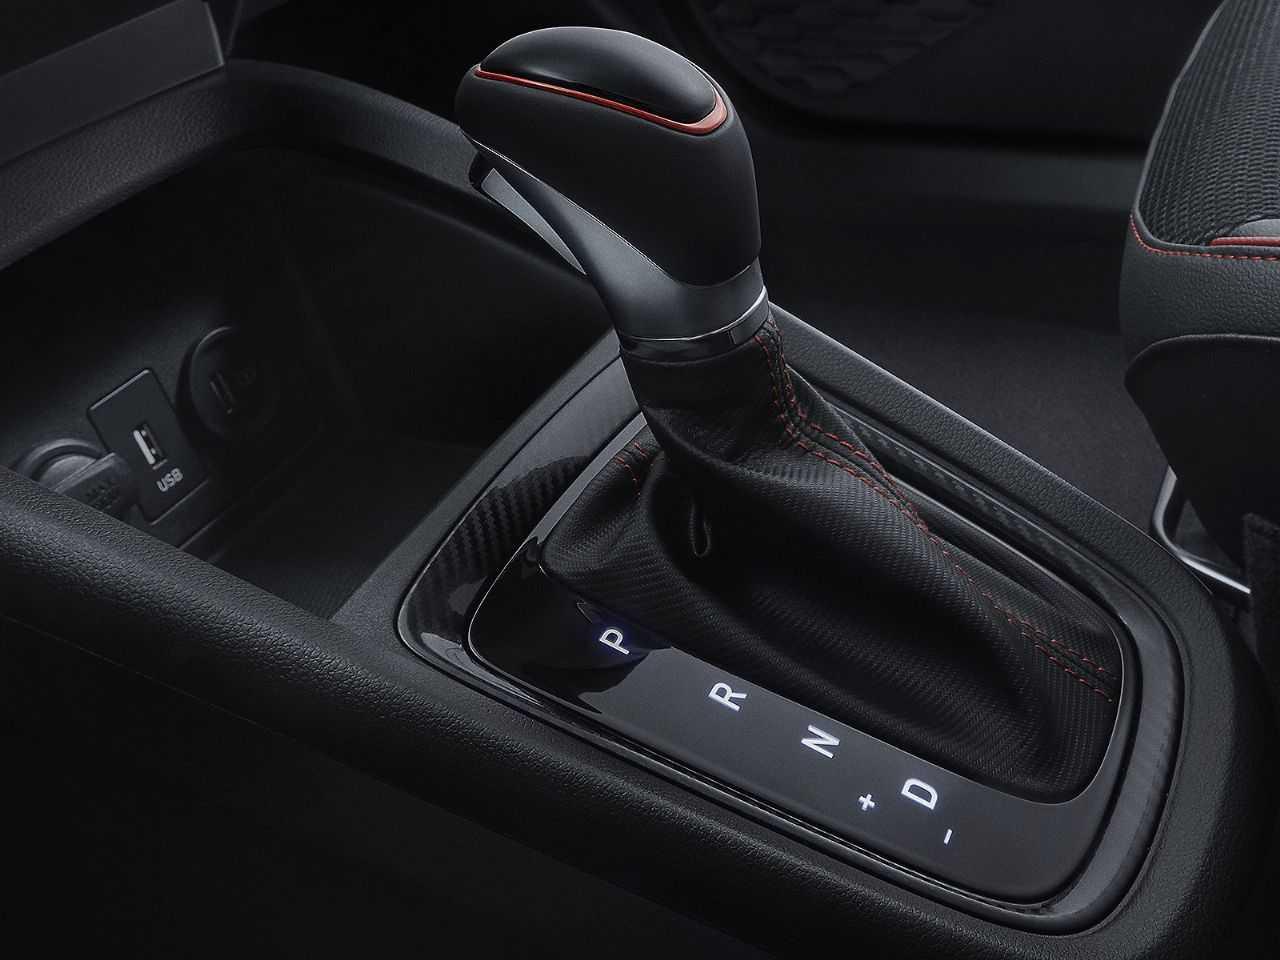 HyundaiHB20 2020 - câmbio